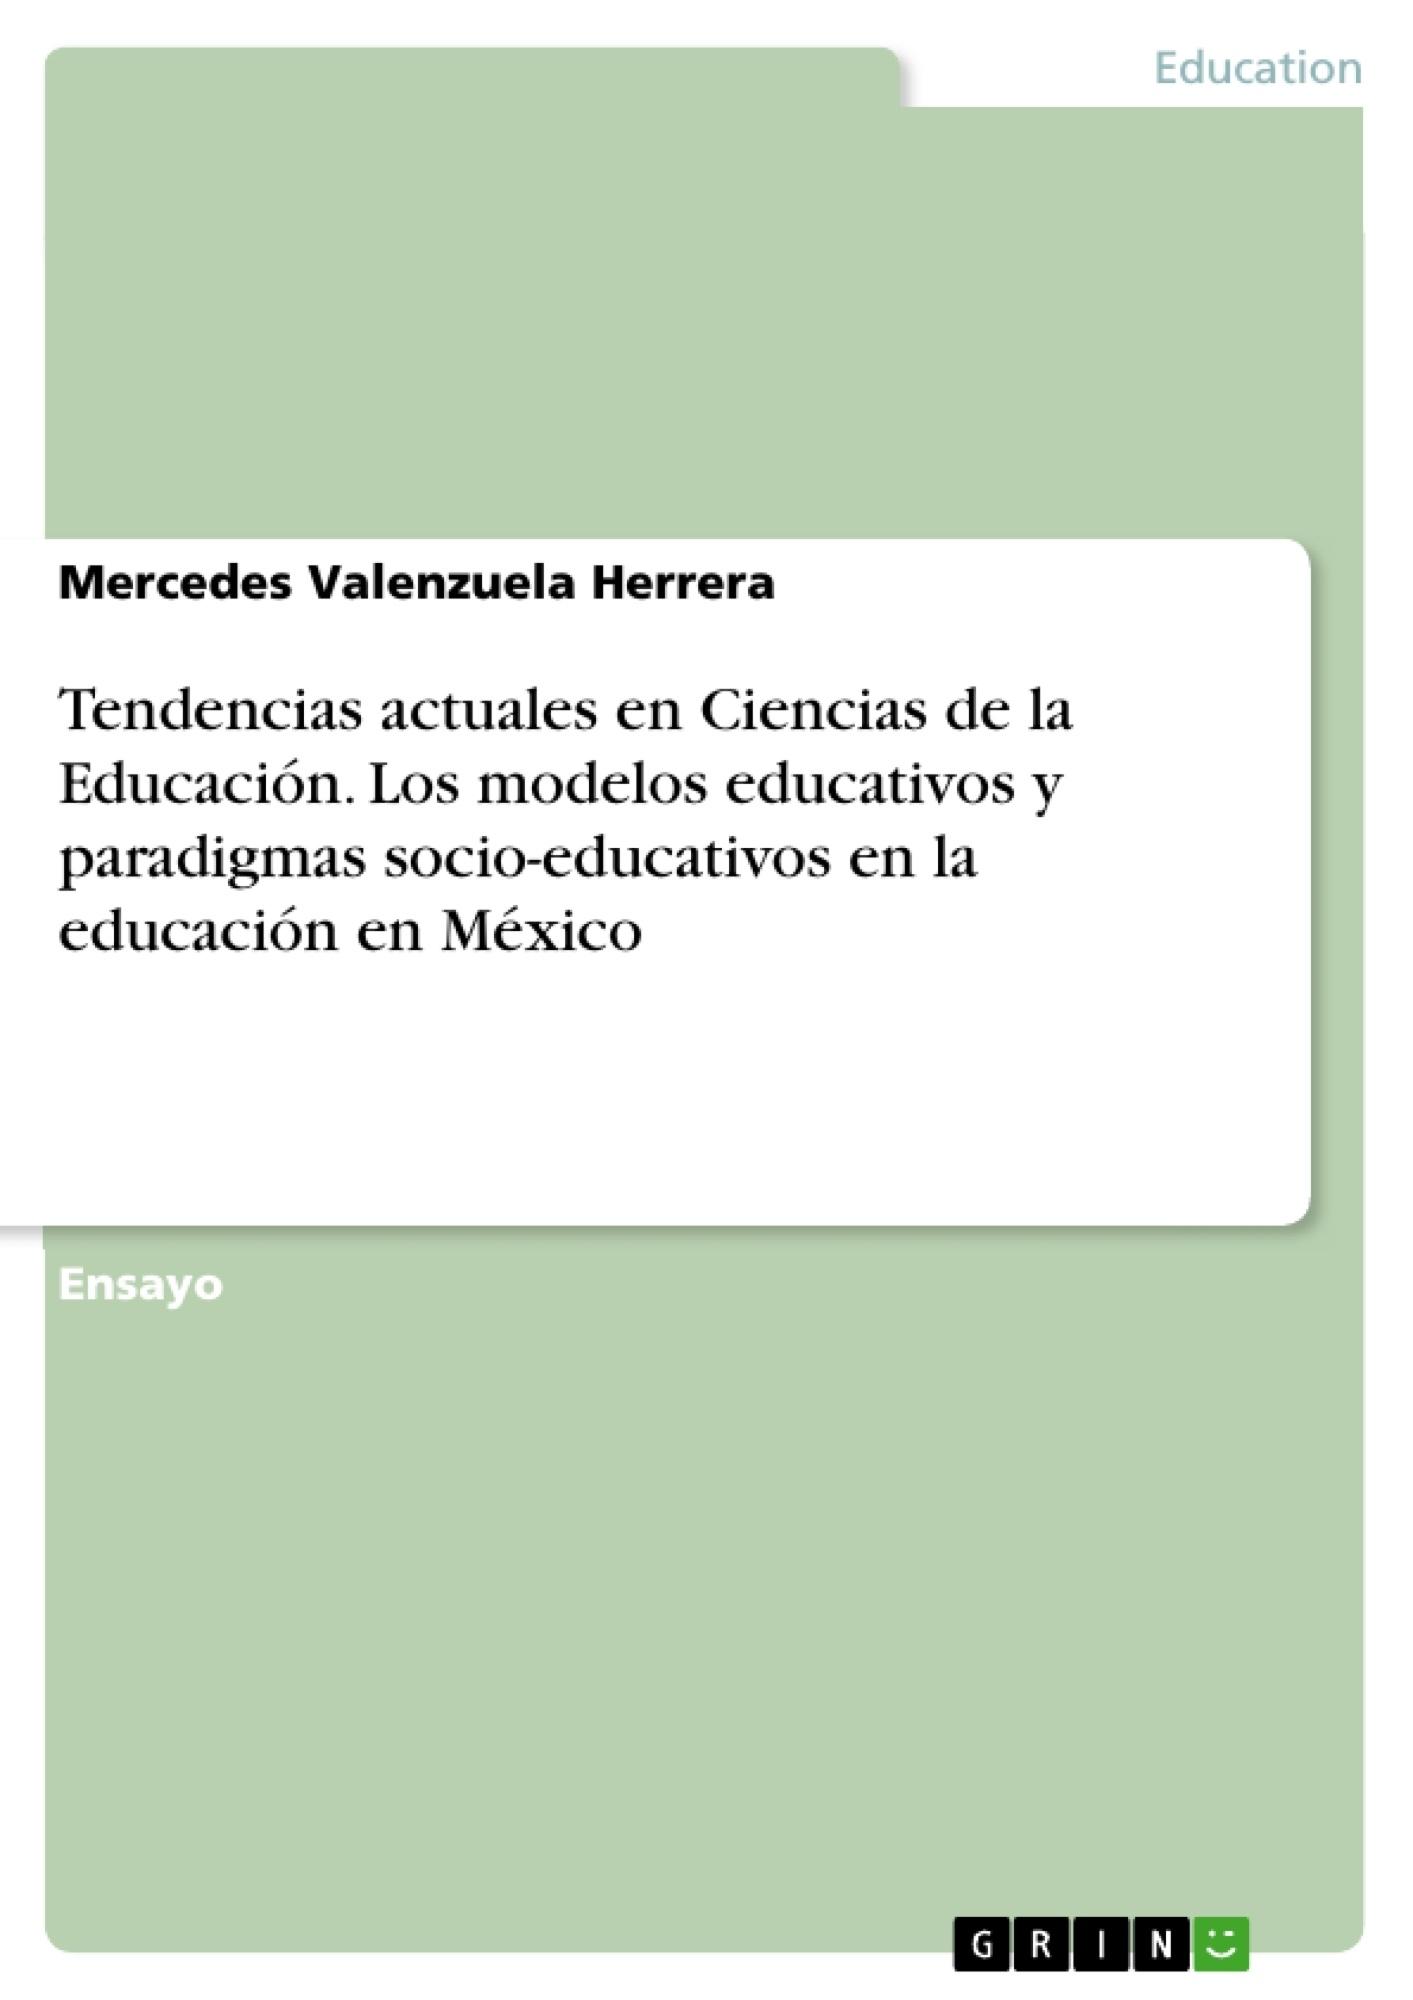 Título: Tendencias actuales en Ciencias de la Educación. Los modelos educativos y paradigmas socio-educativos en la educación en México